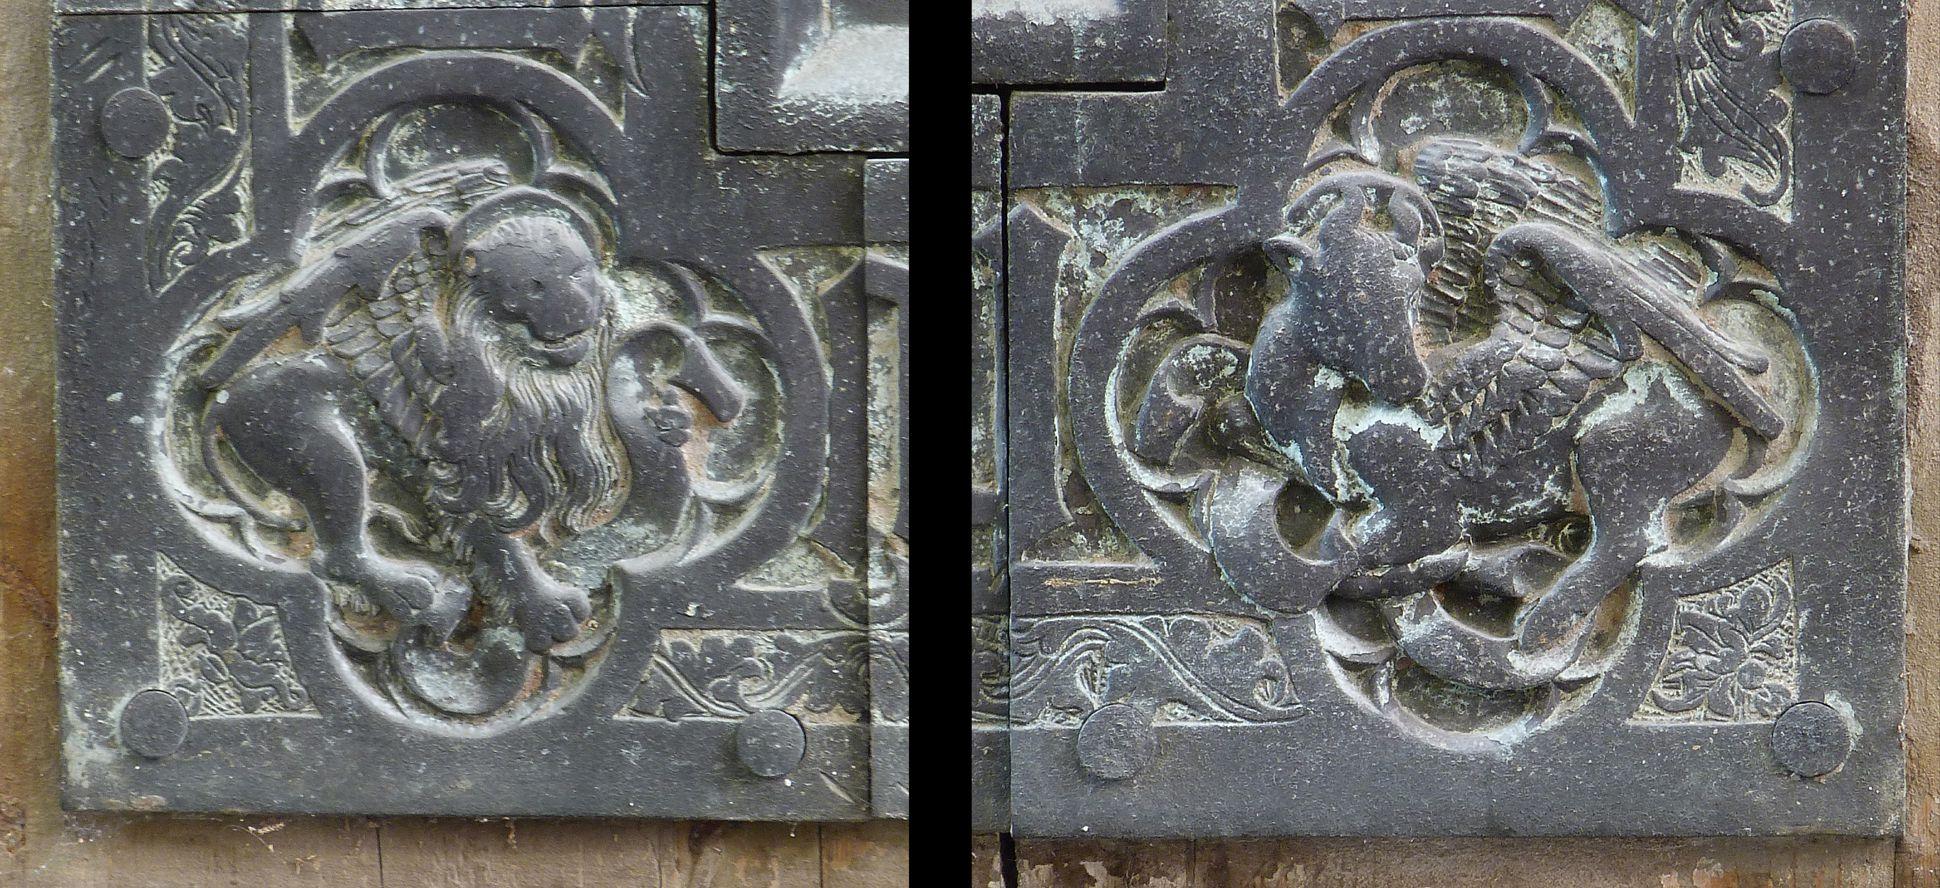 Balthasar von Neuenstadt Evangelistensymbole der unteren Ecken: Löwe für Markus und Stier für Lukas